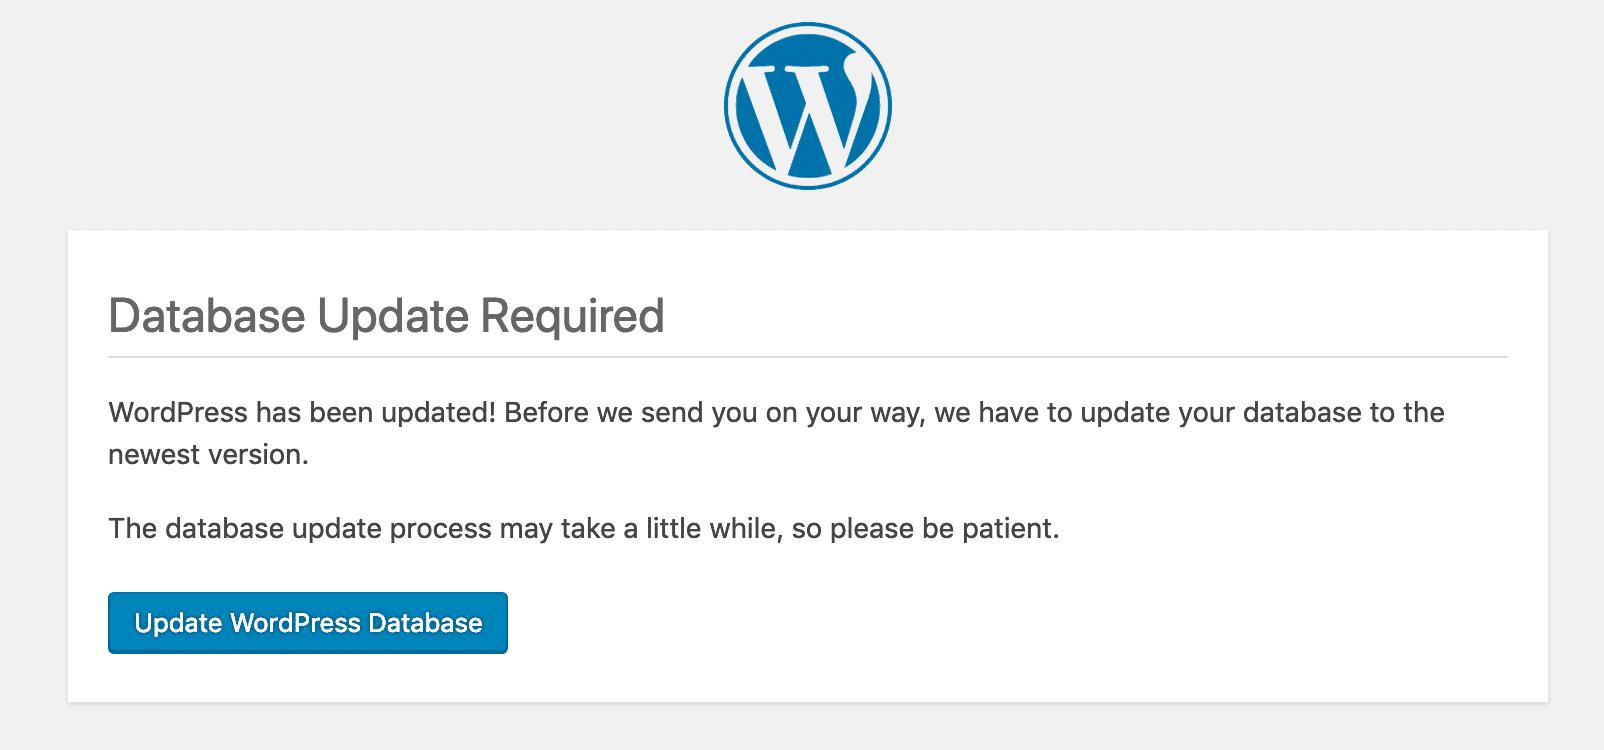 È richiesto l'aggiornamento del database